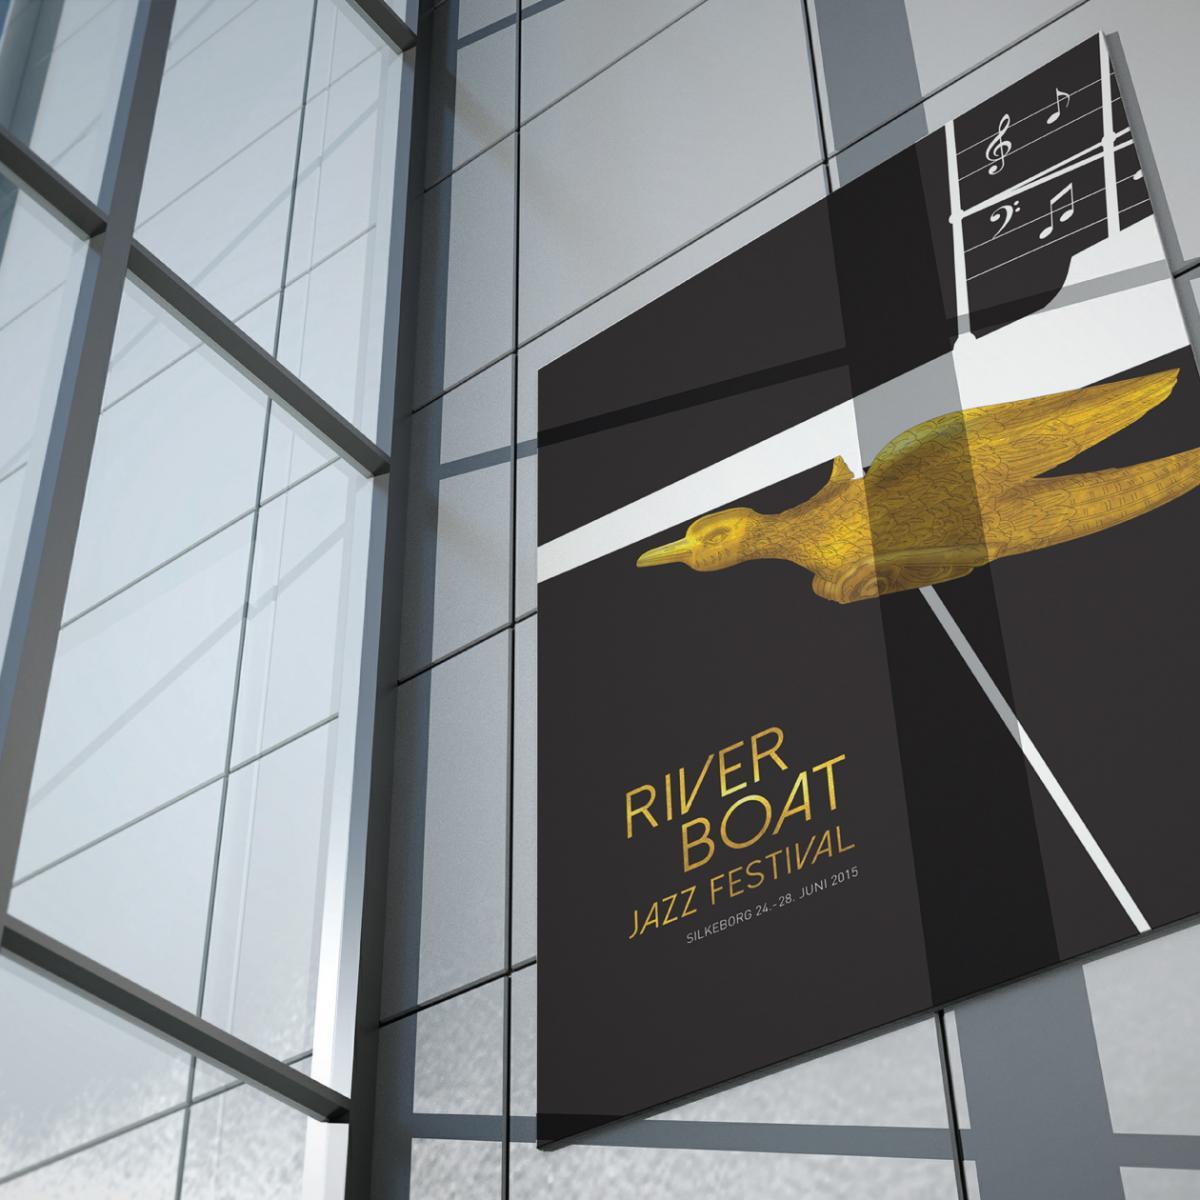 Riverboat plakat→